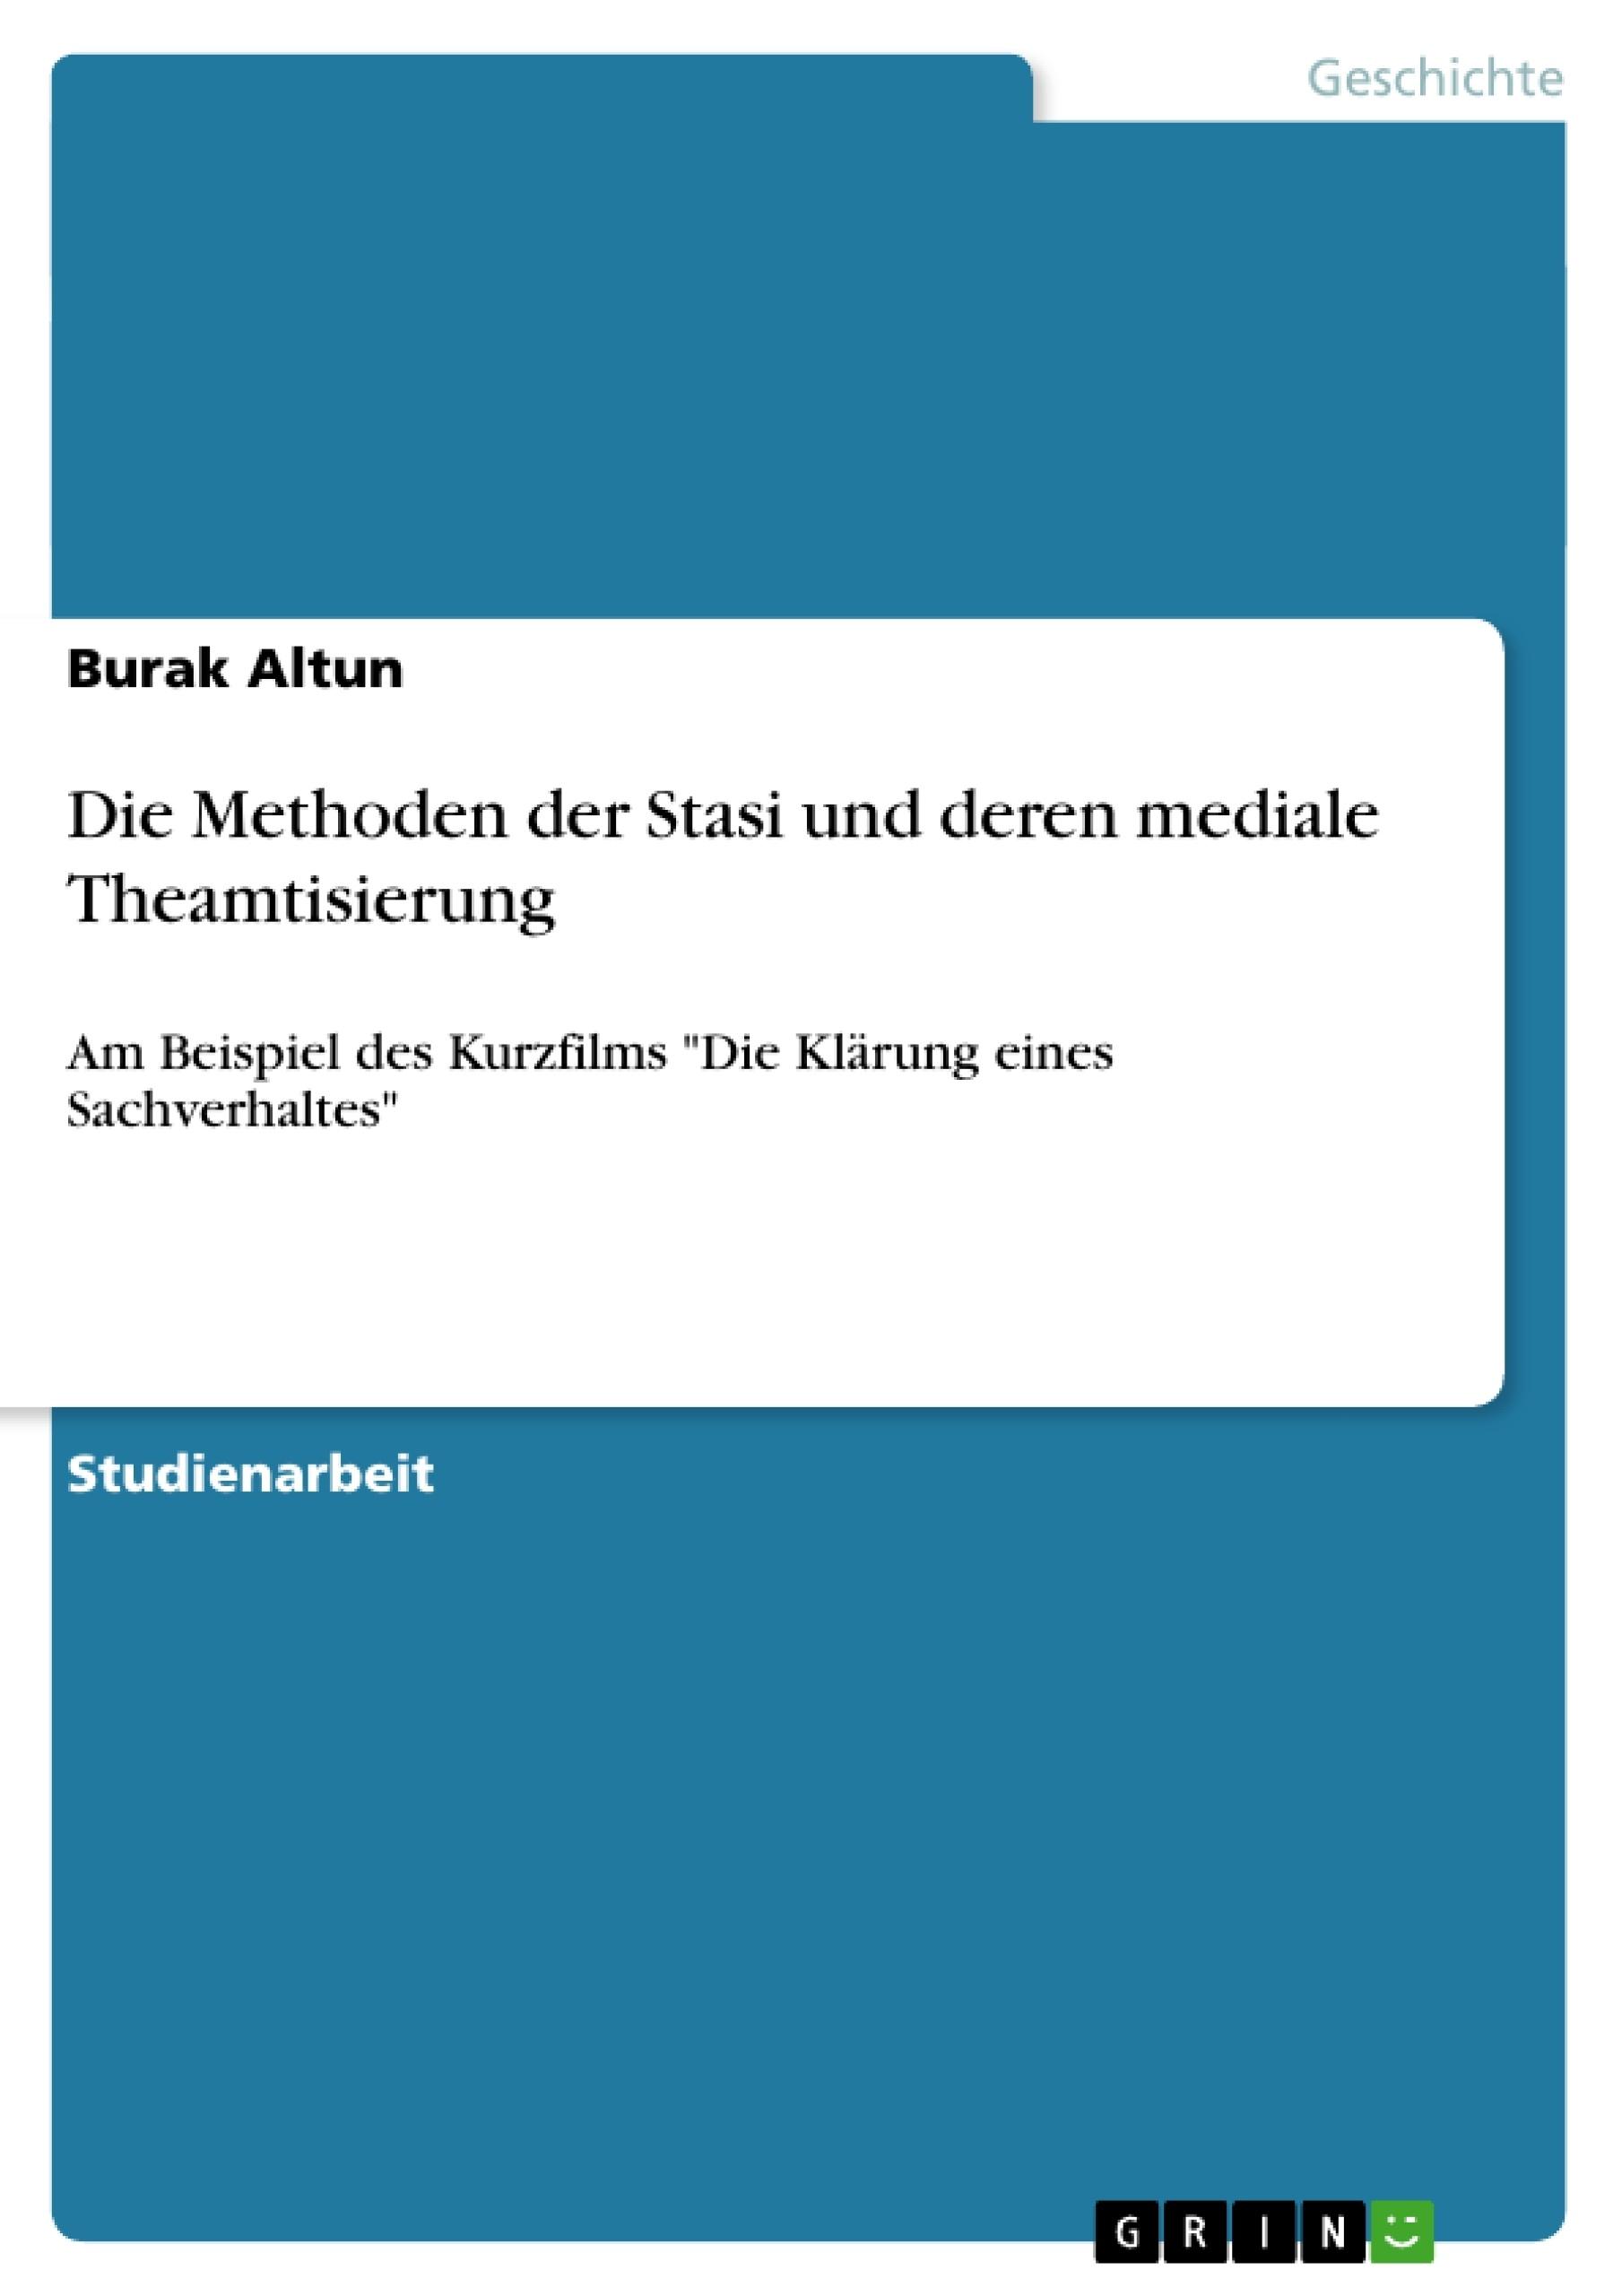 Titel: Die Methoden der Stasi und deren mediale Thematisierung